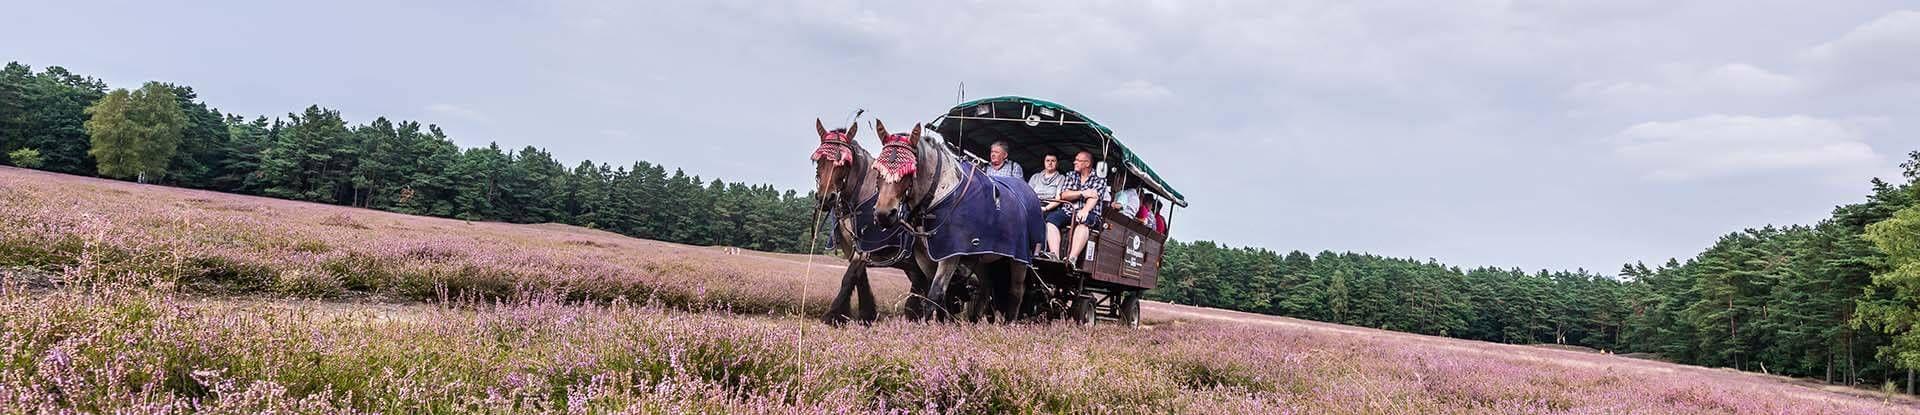 Planwagenfahrt durch die Klein Bünstorfer Heide